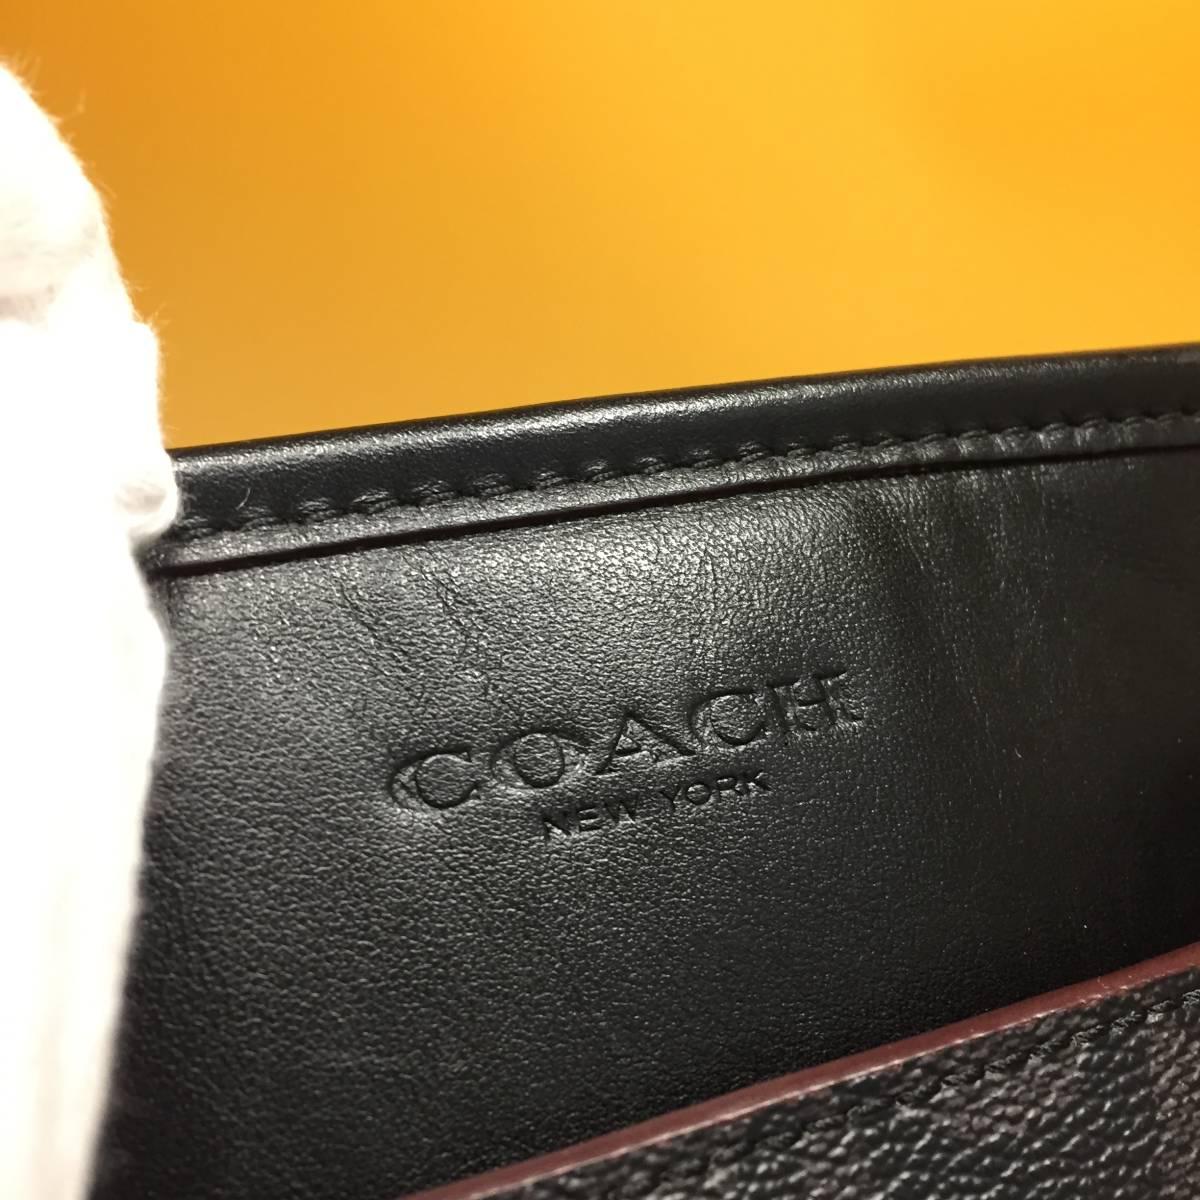 超美品◆COACH◆コーチ メンズ シャドーシグネチャーPVC×レザー トートバッグ 2way◆黒_画像10